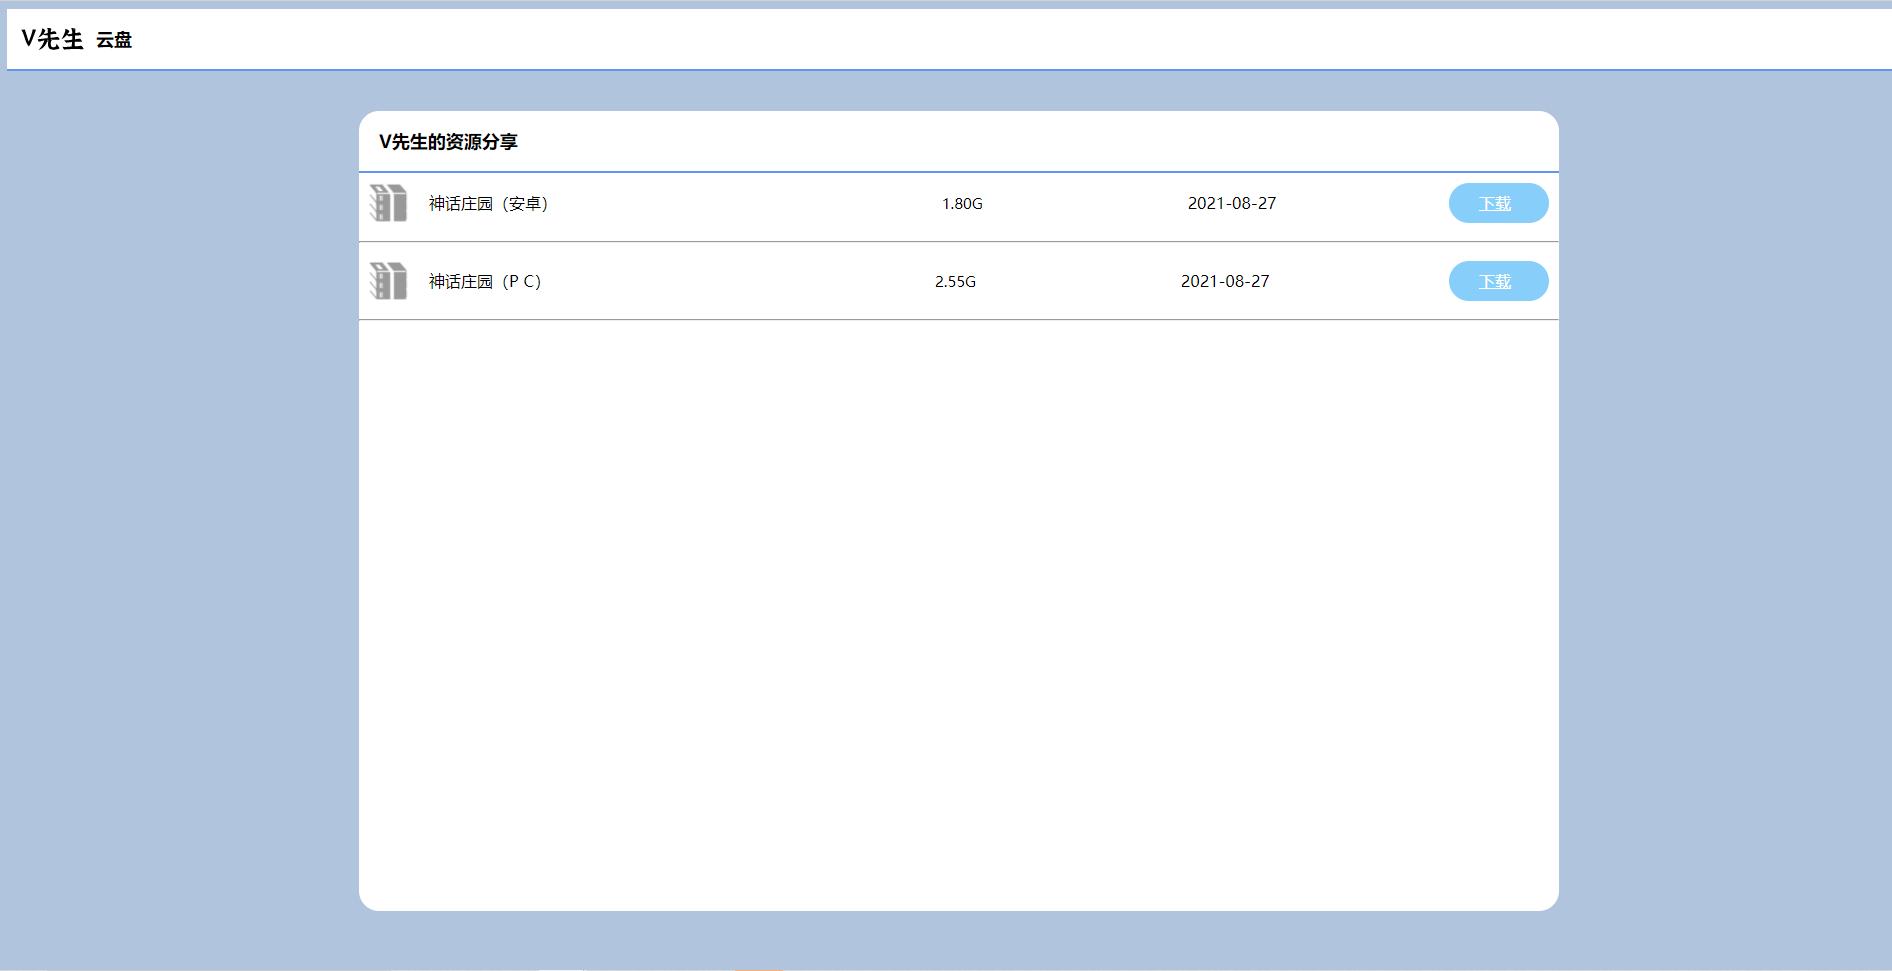 神话庄园Ver1.6[安卓|PC][V先生|OneDrive|百度云]4.35G 3